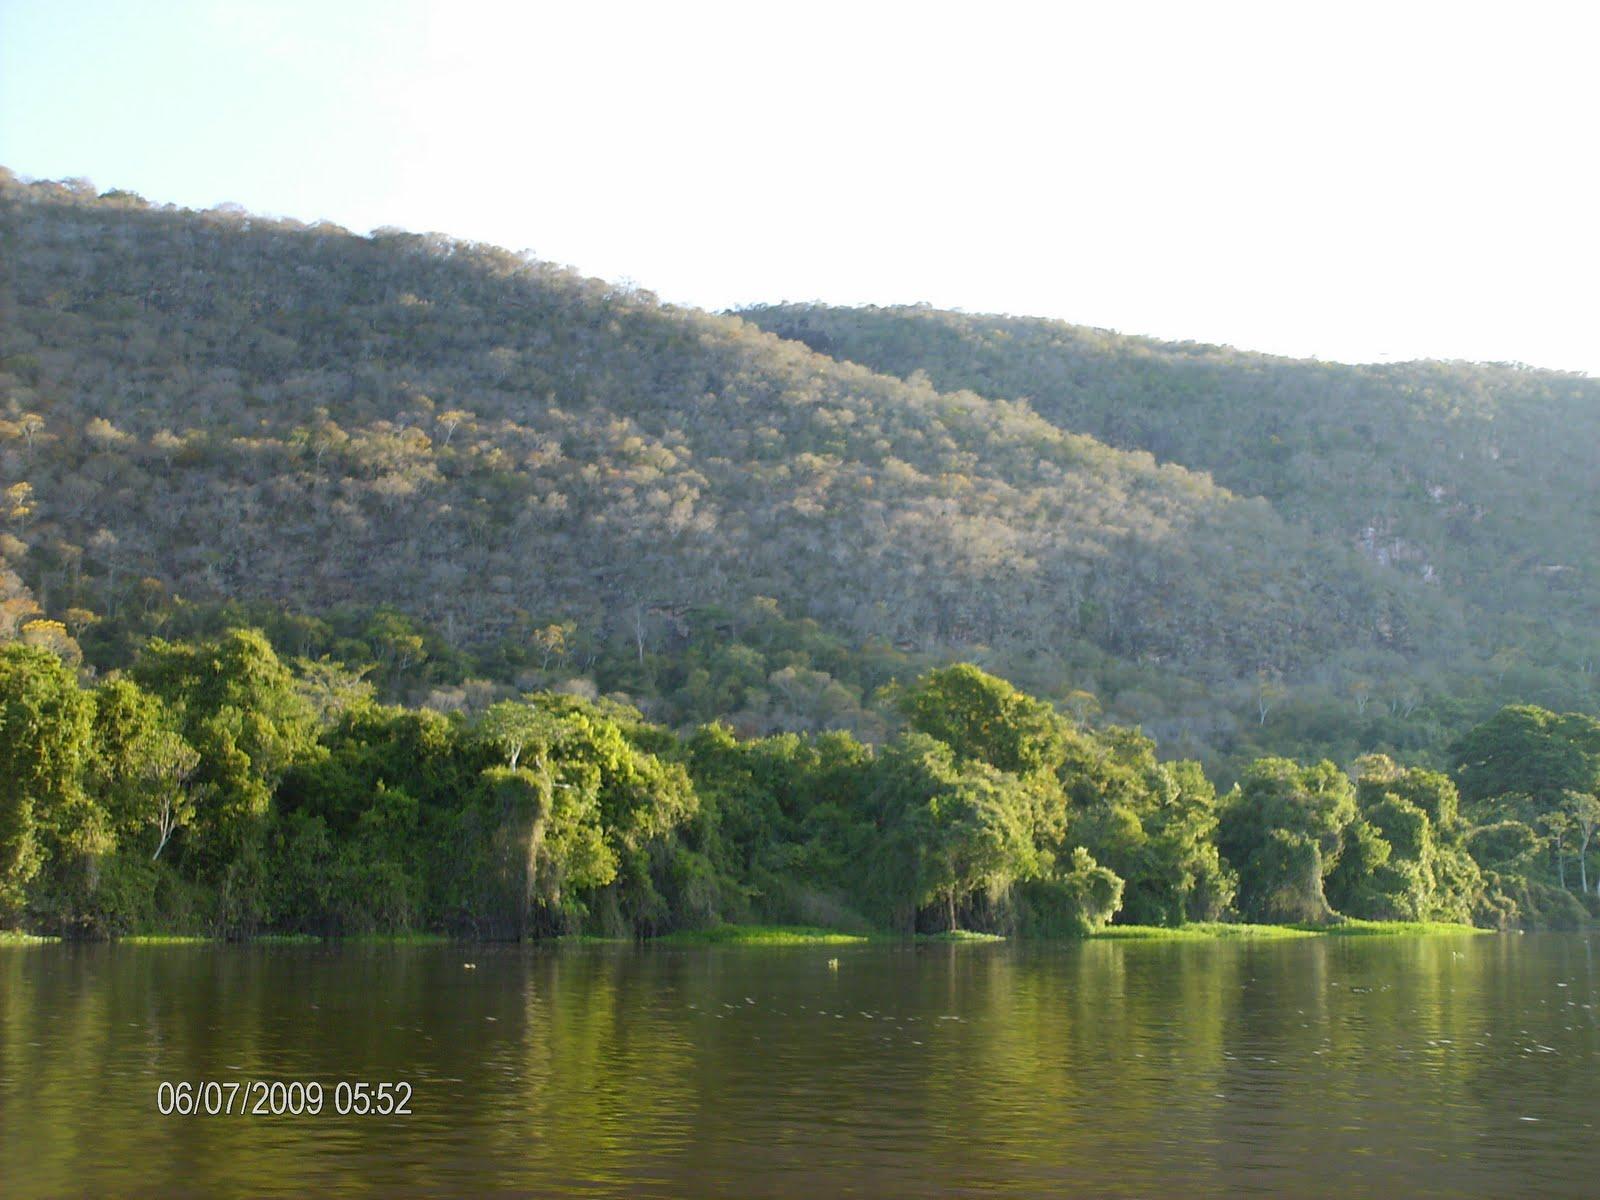 Vale do Guaporé | Rondônia